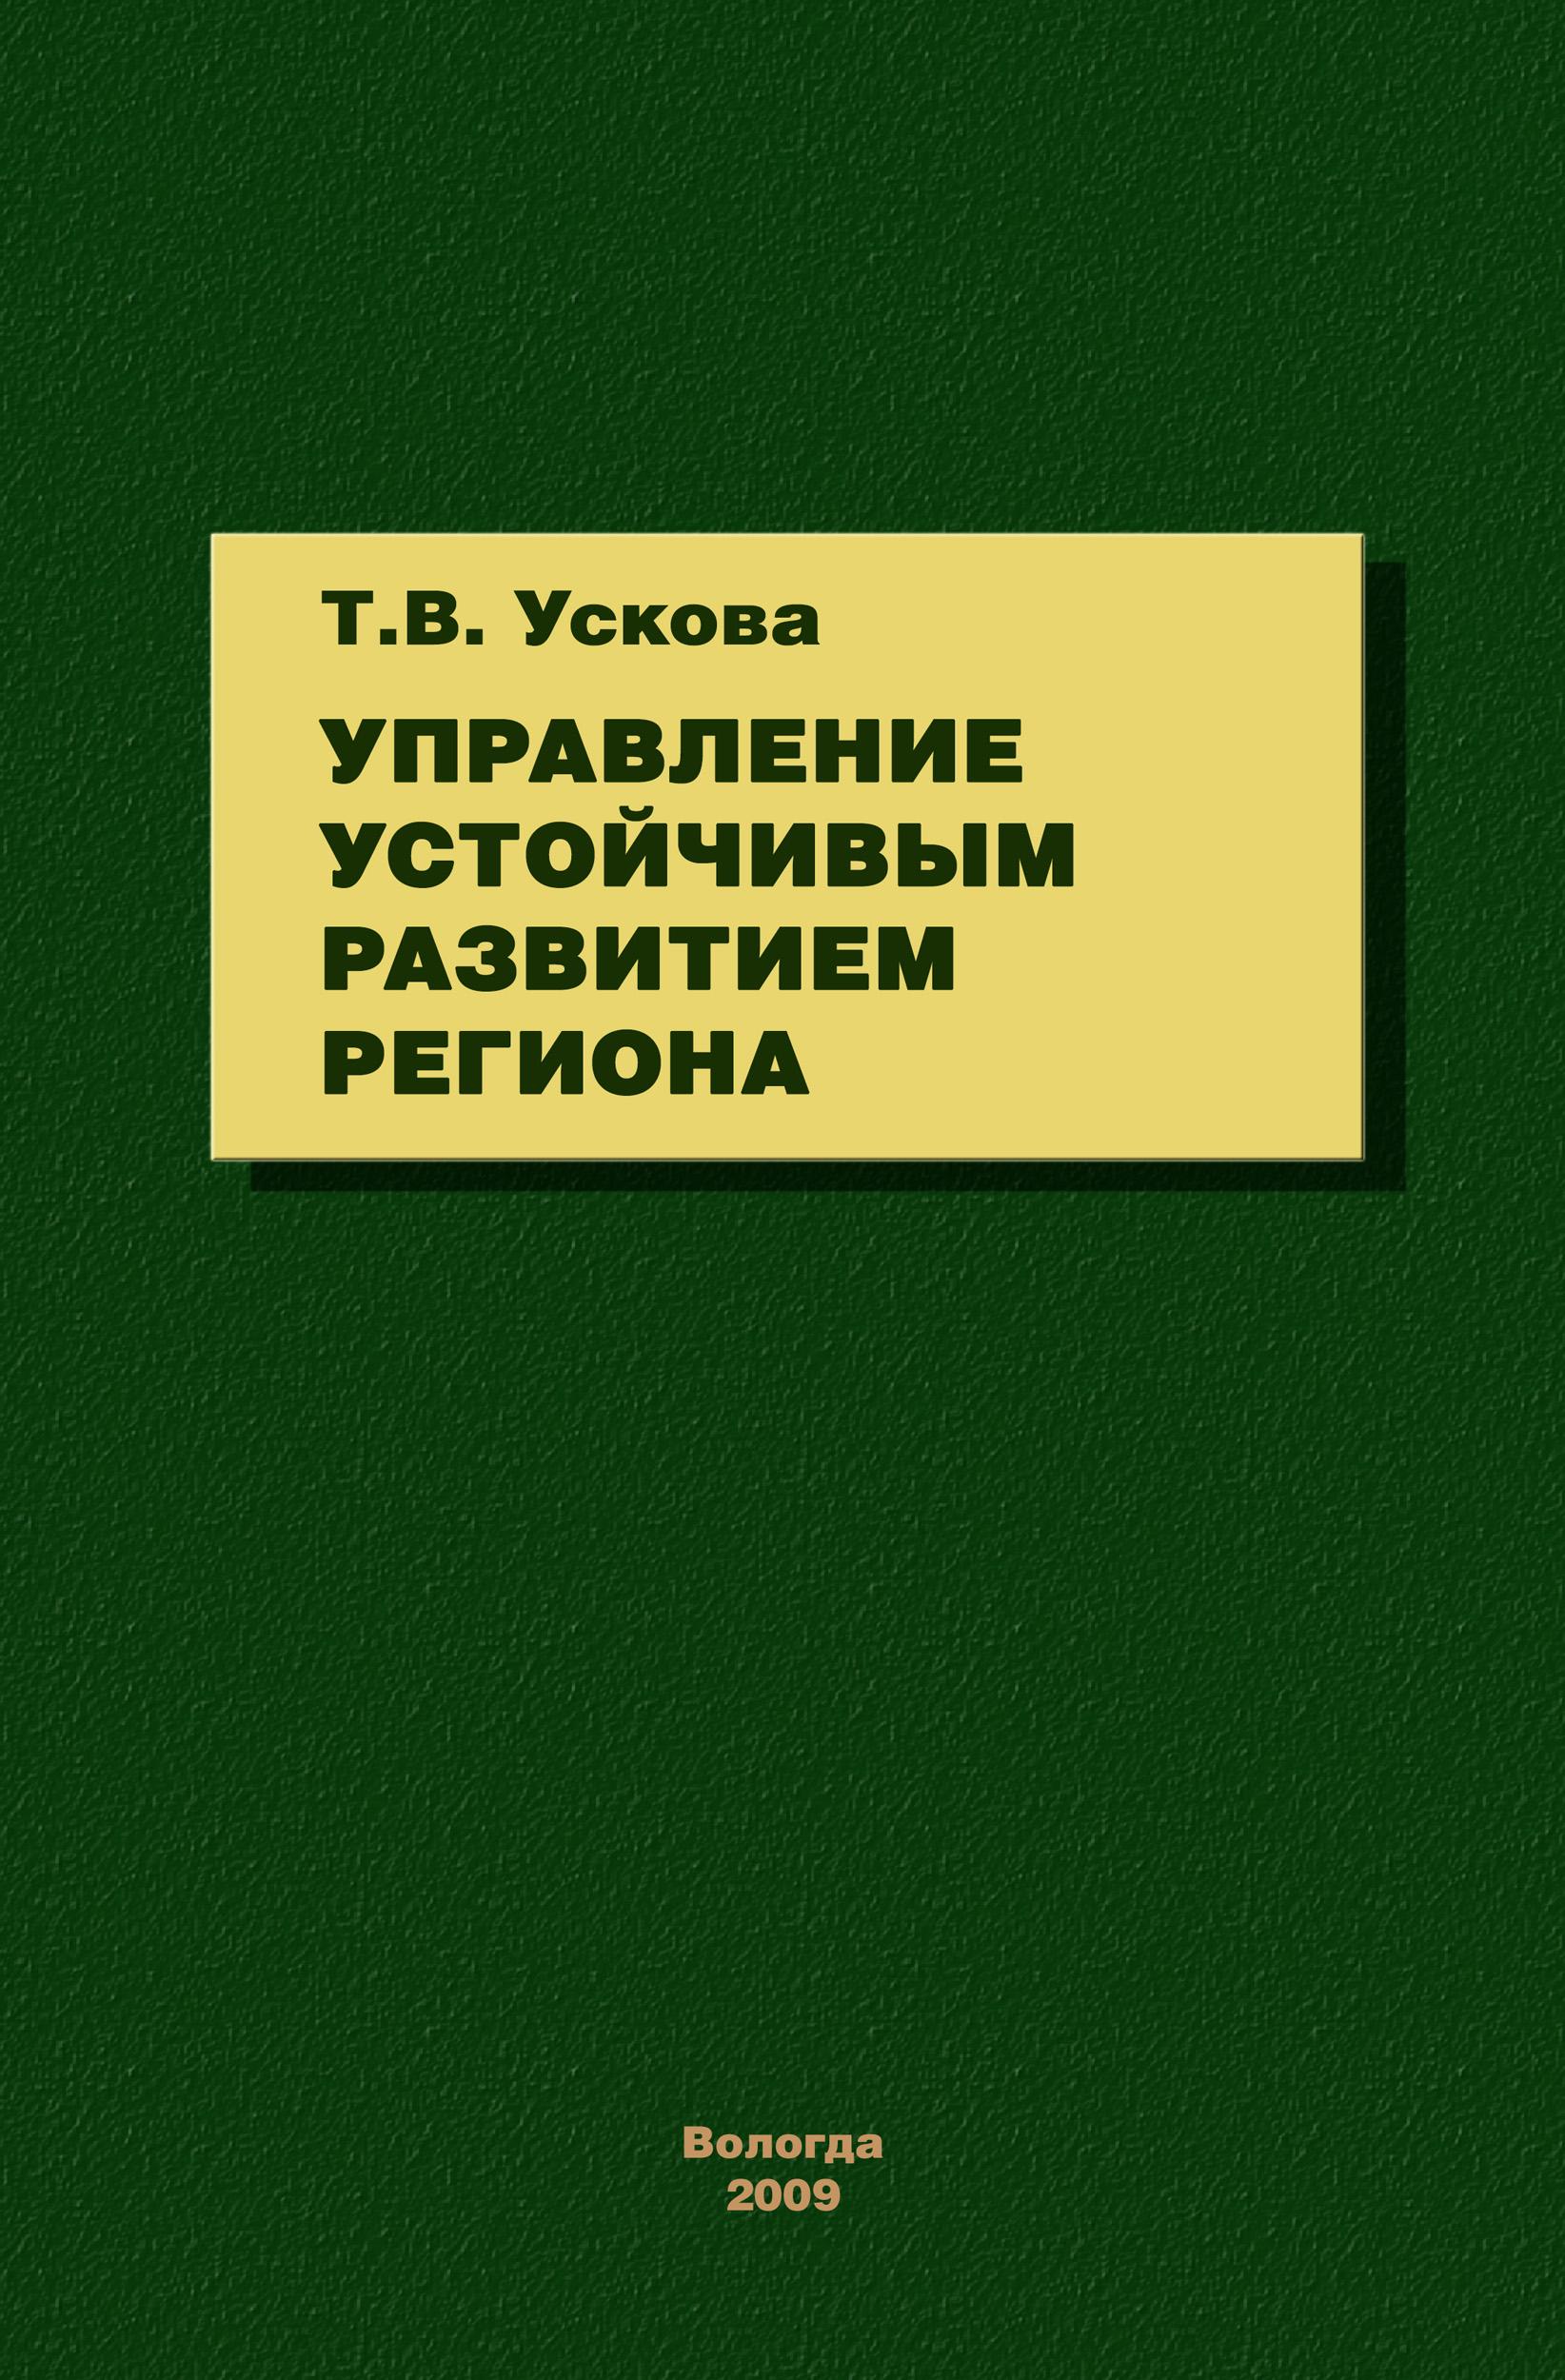 Т. В. Ускова Управление устойчивым развитием региона